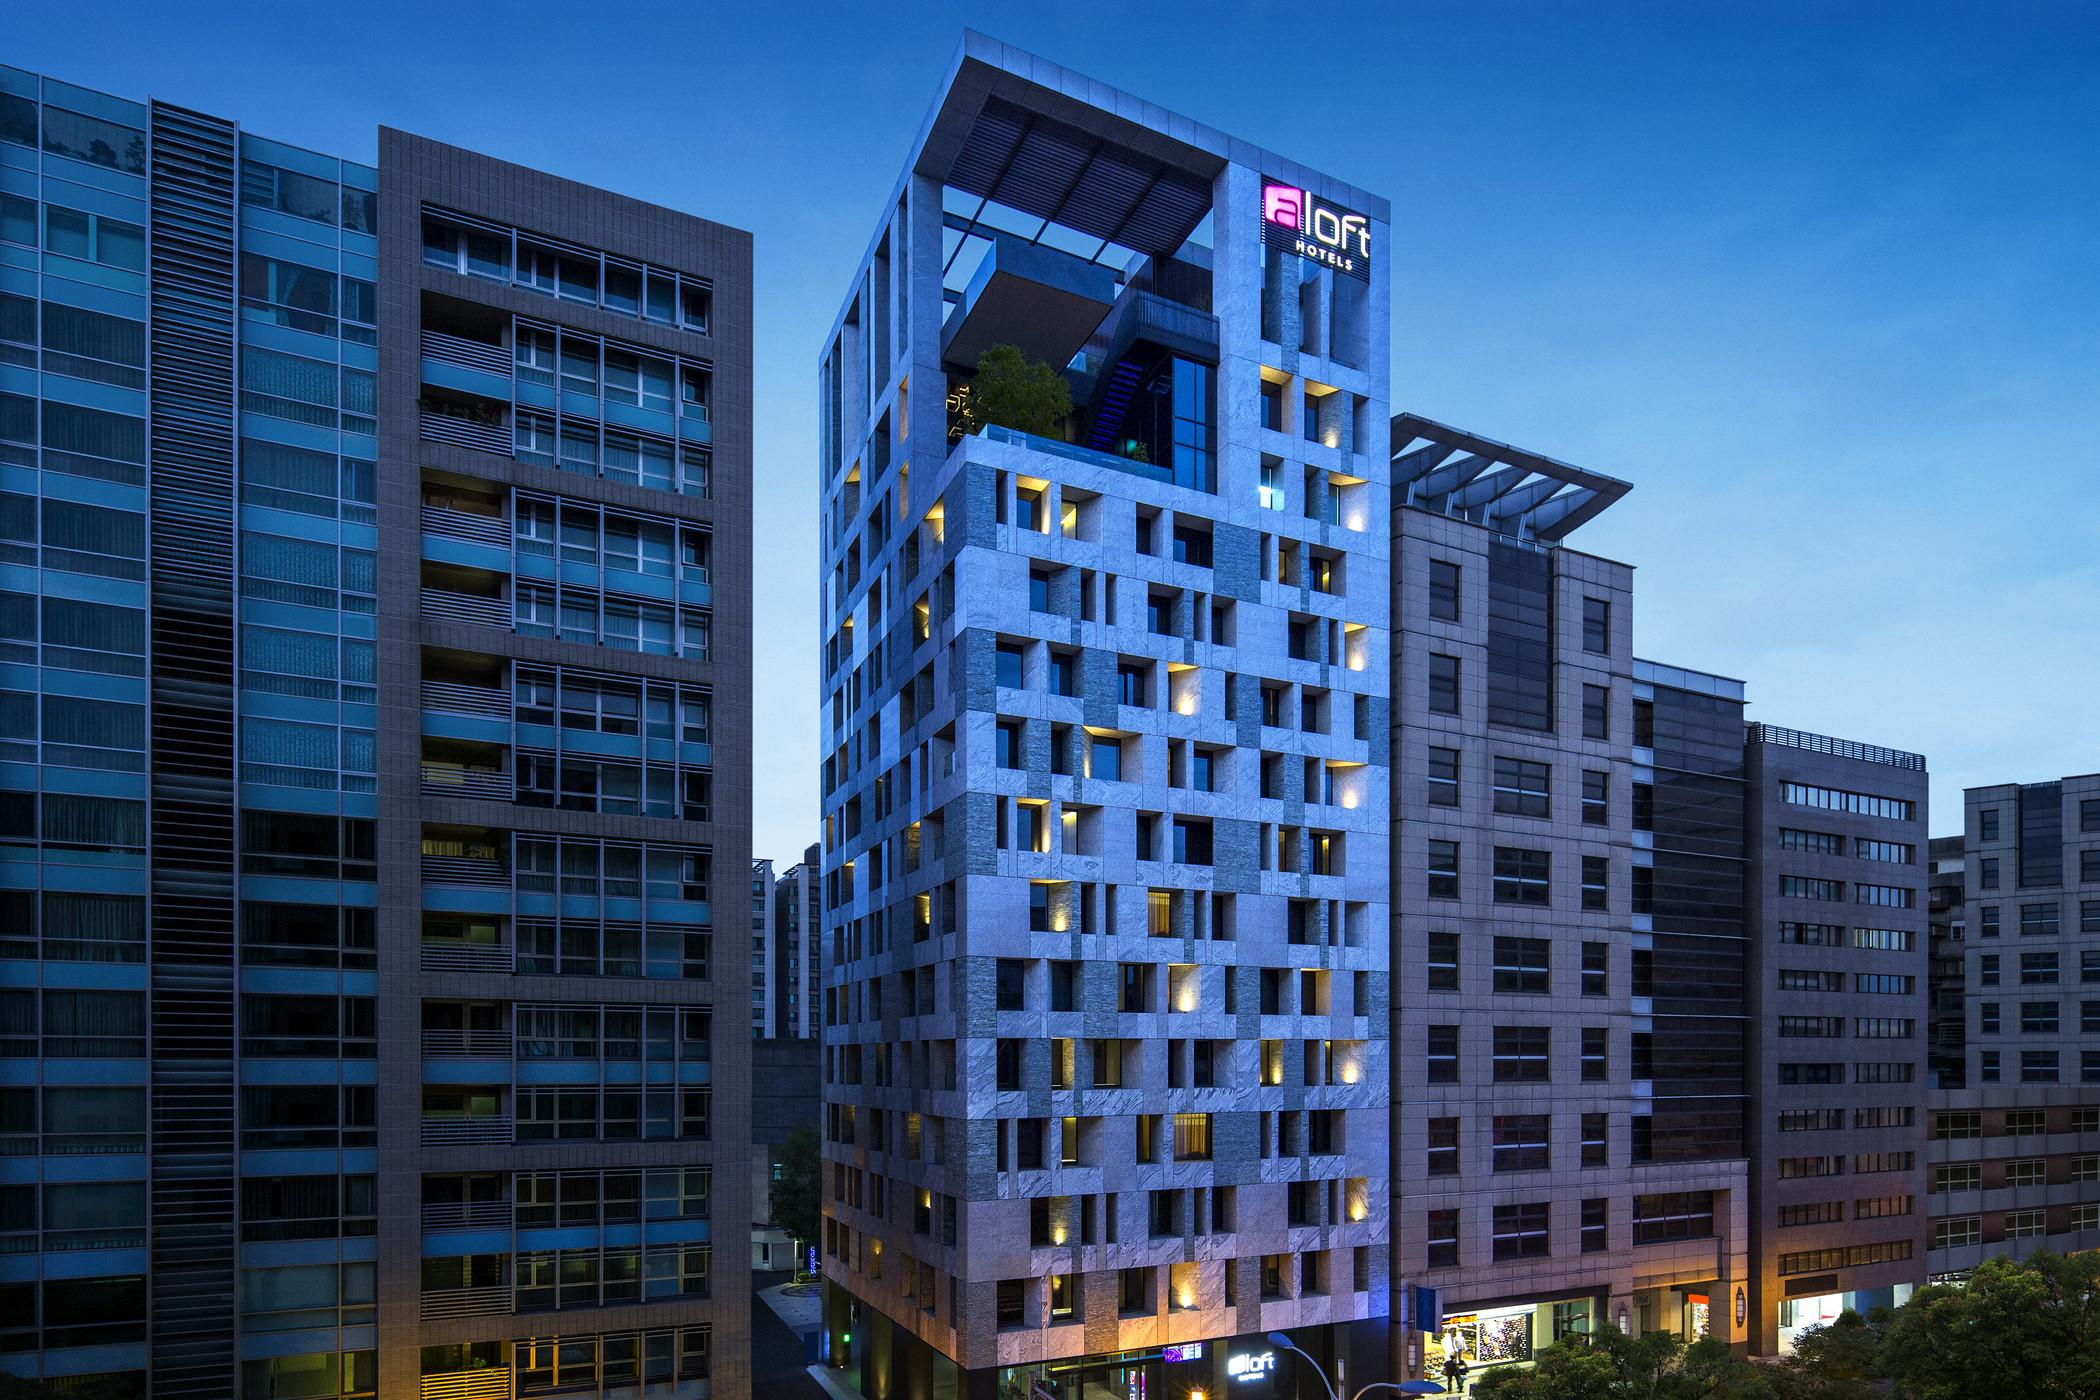 alf4361ex-186060-hotel-exterior-night-view